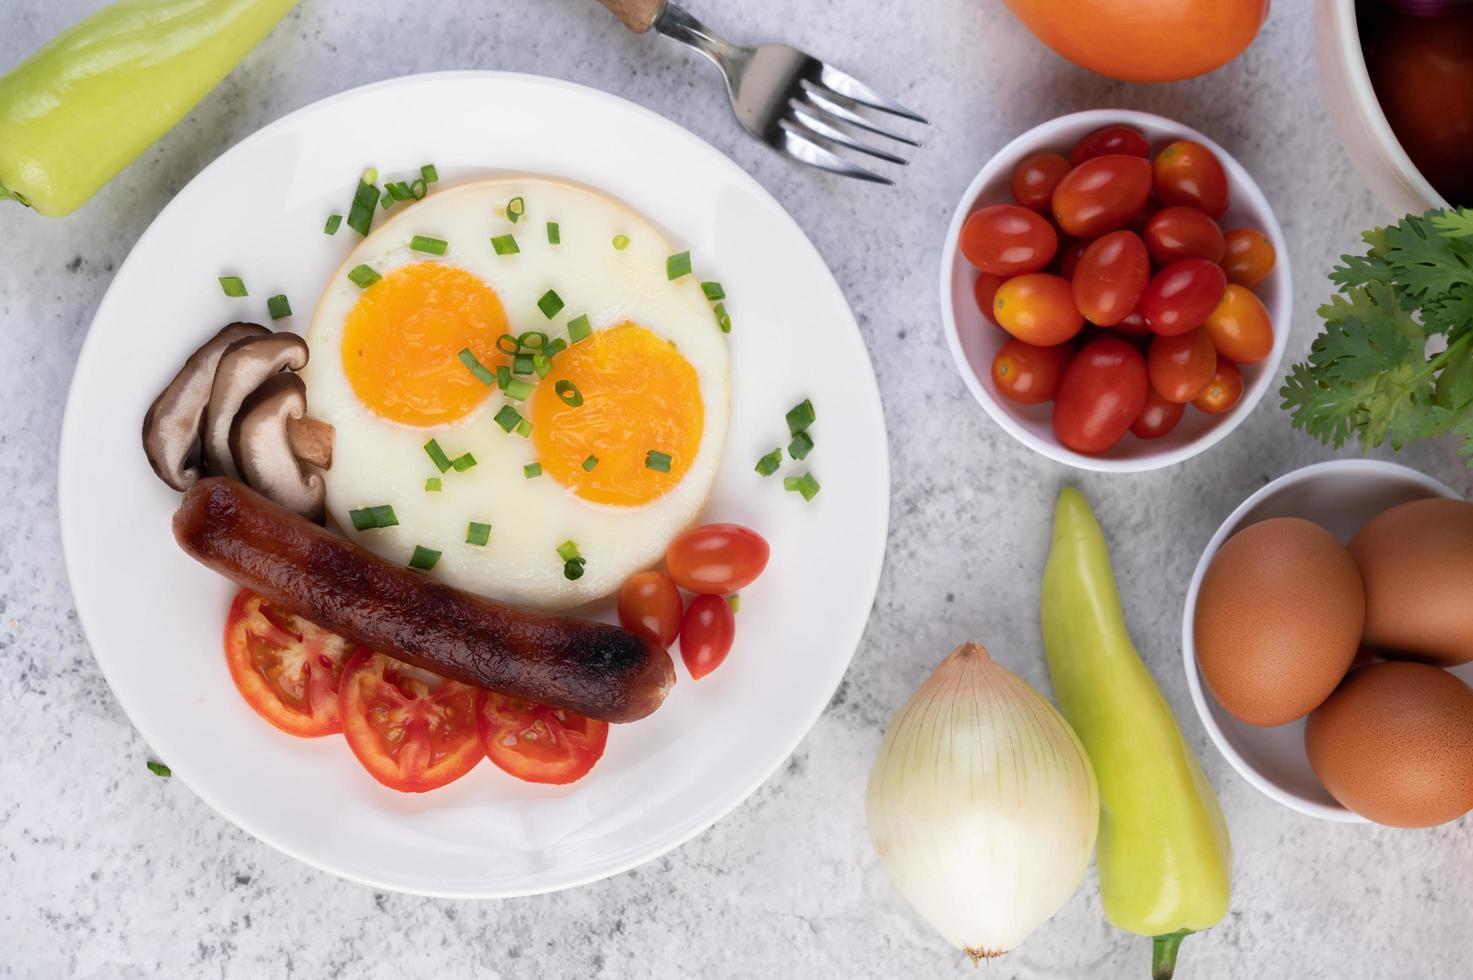 frukost tallrik med stekt ägg, tomater, kinesisk korv och svamp foto